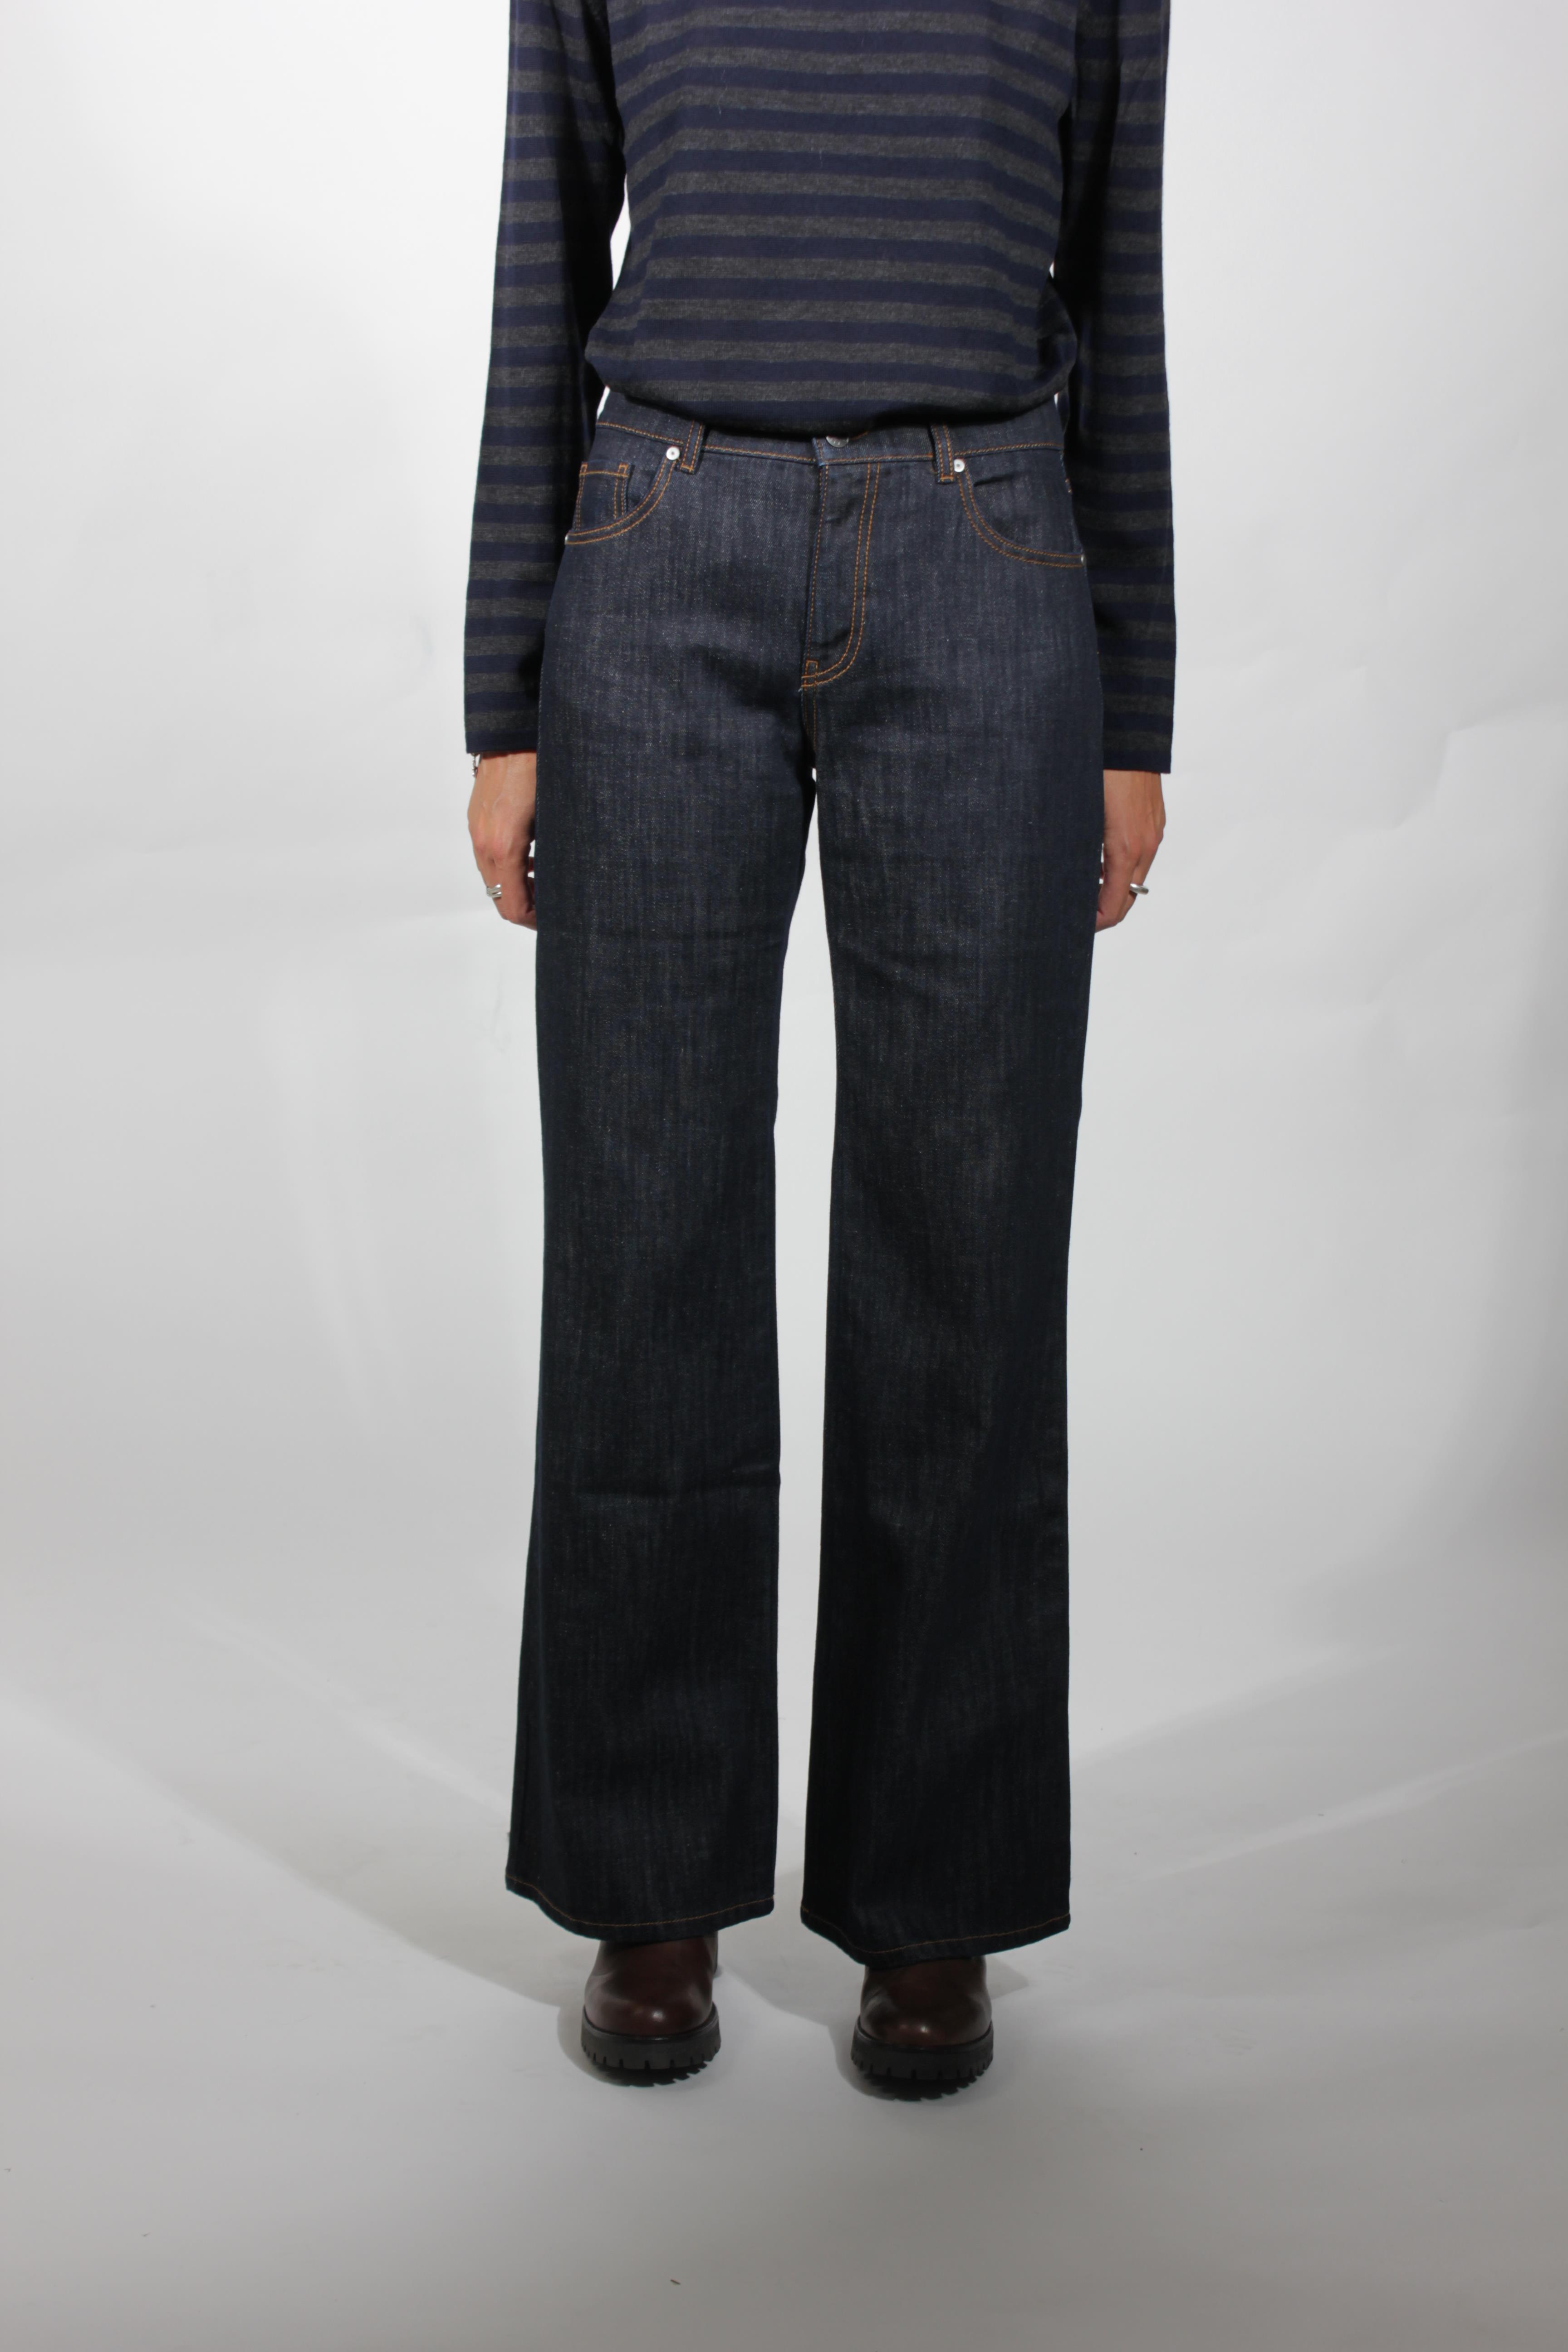 jeans P.A.R.O.S.H.   CALLAGAND2311821012